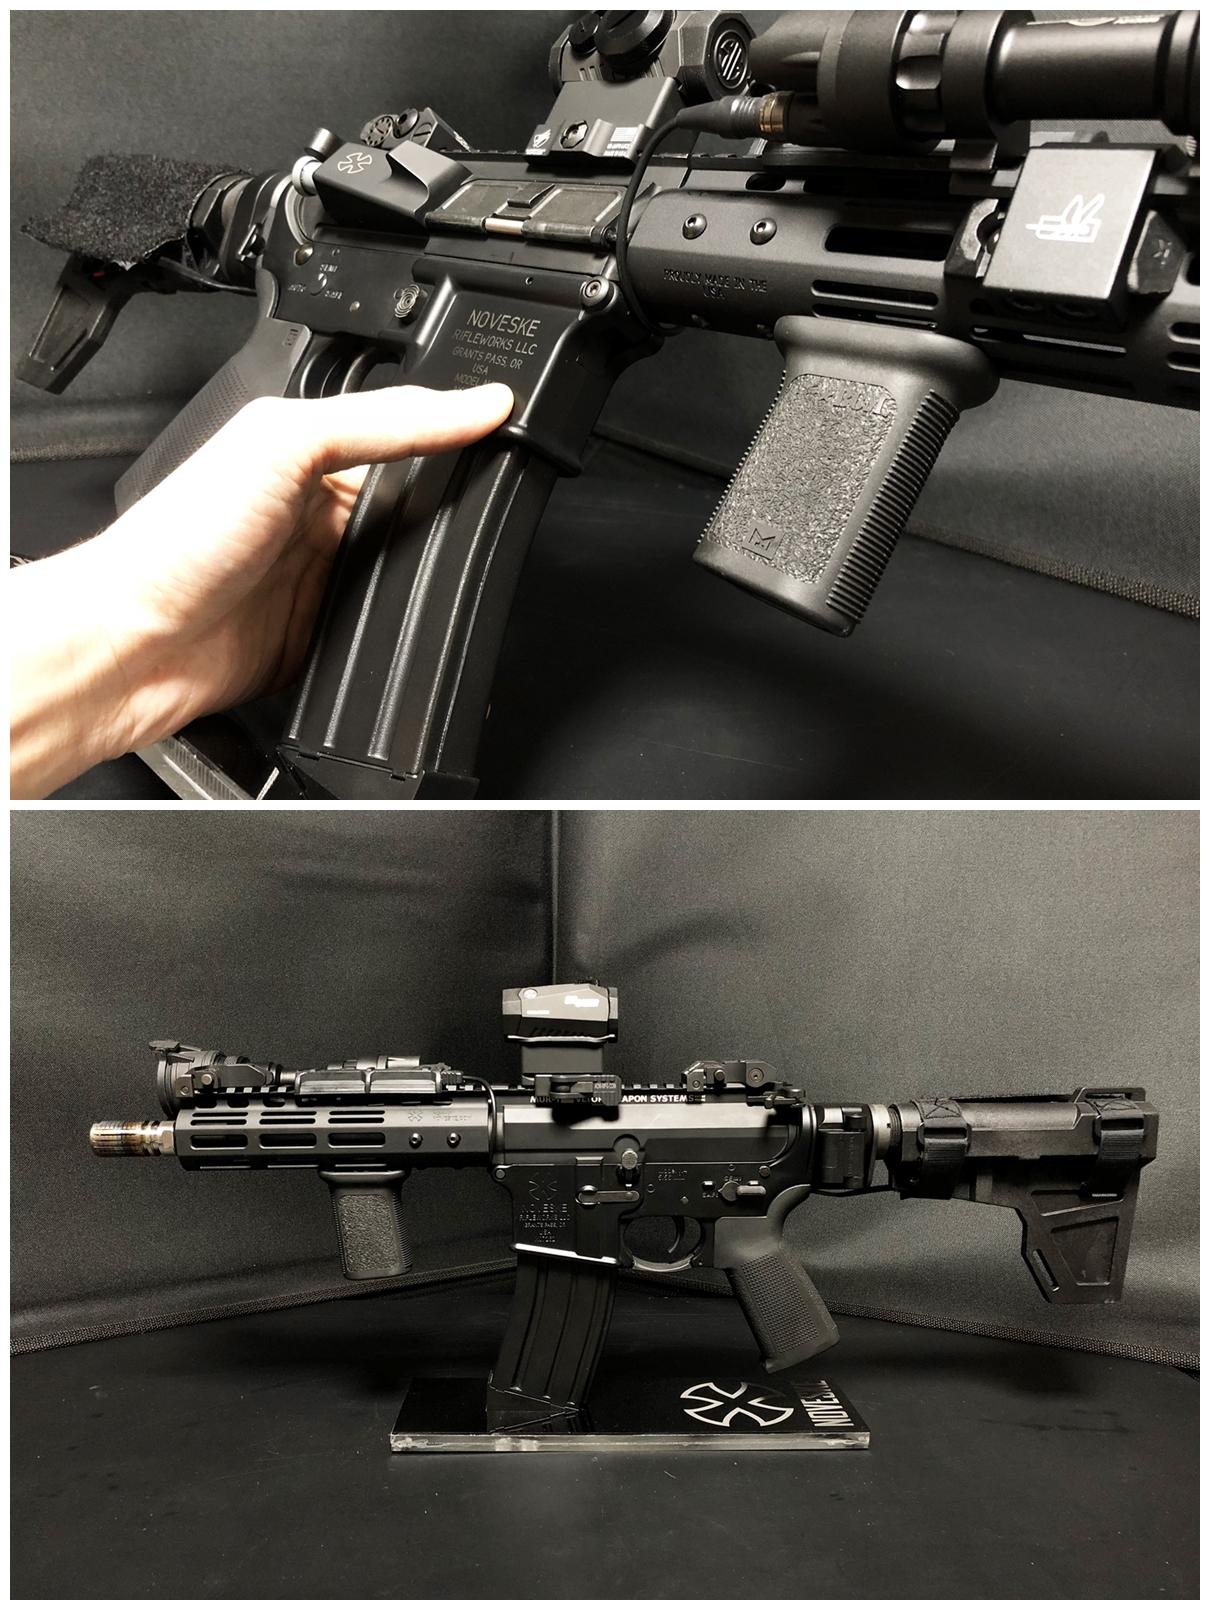 32 『微々たる変化』と『微々たる進化』 IRON vs 5KU M-LOK NSR NOVESKE TYPE N4 M4 AR15 ハンドガード 購入 分解 交換 検証 取付 レビュー